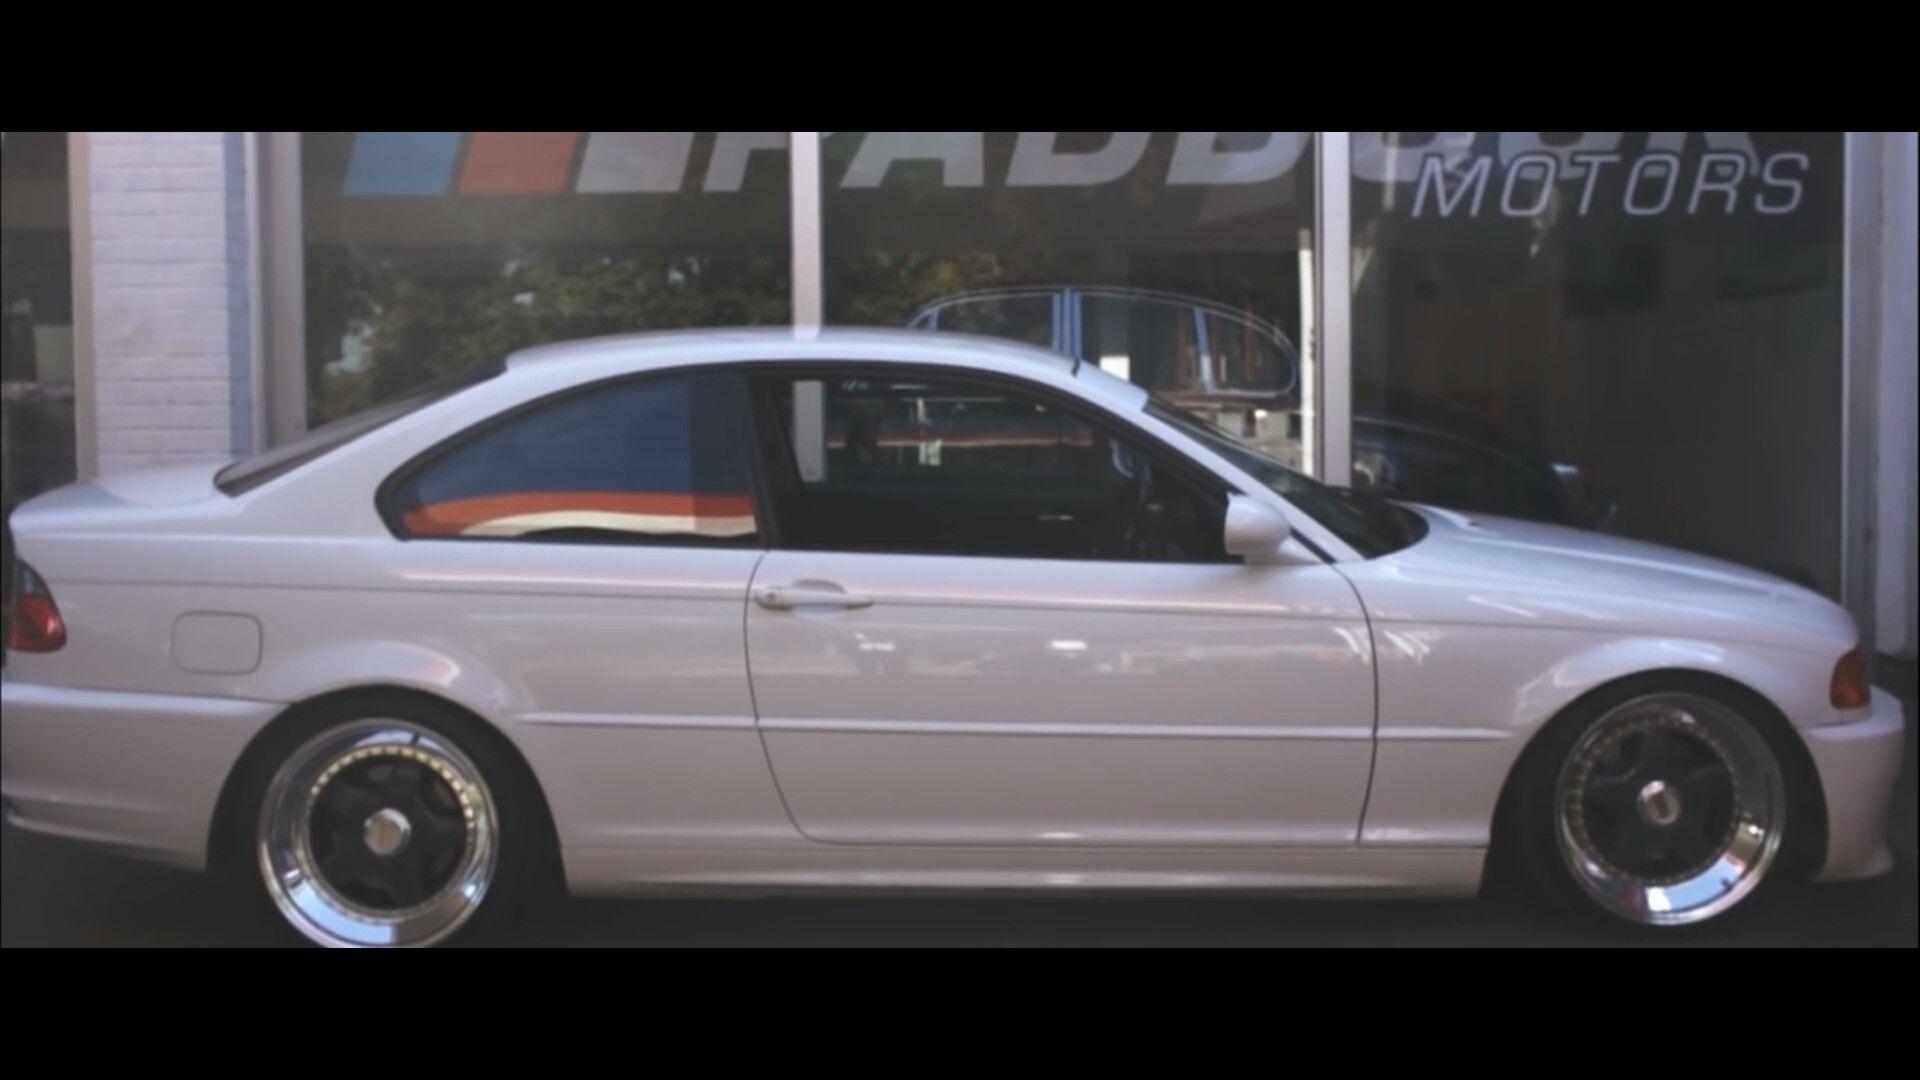 E46 coupe bmw